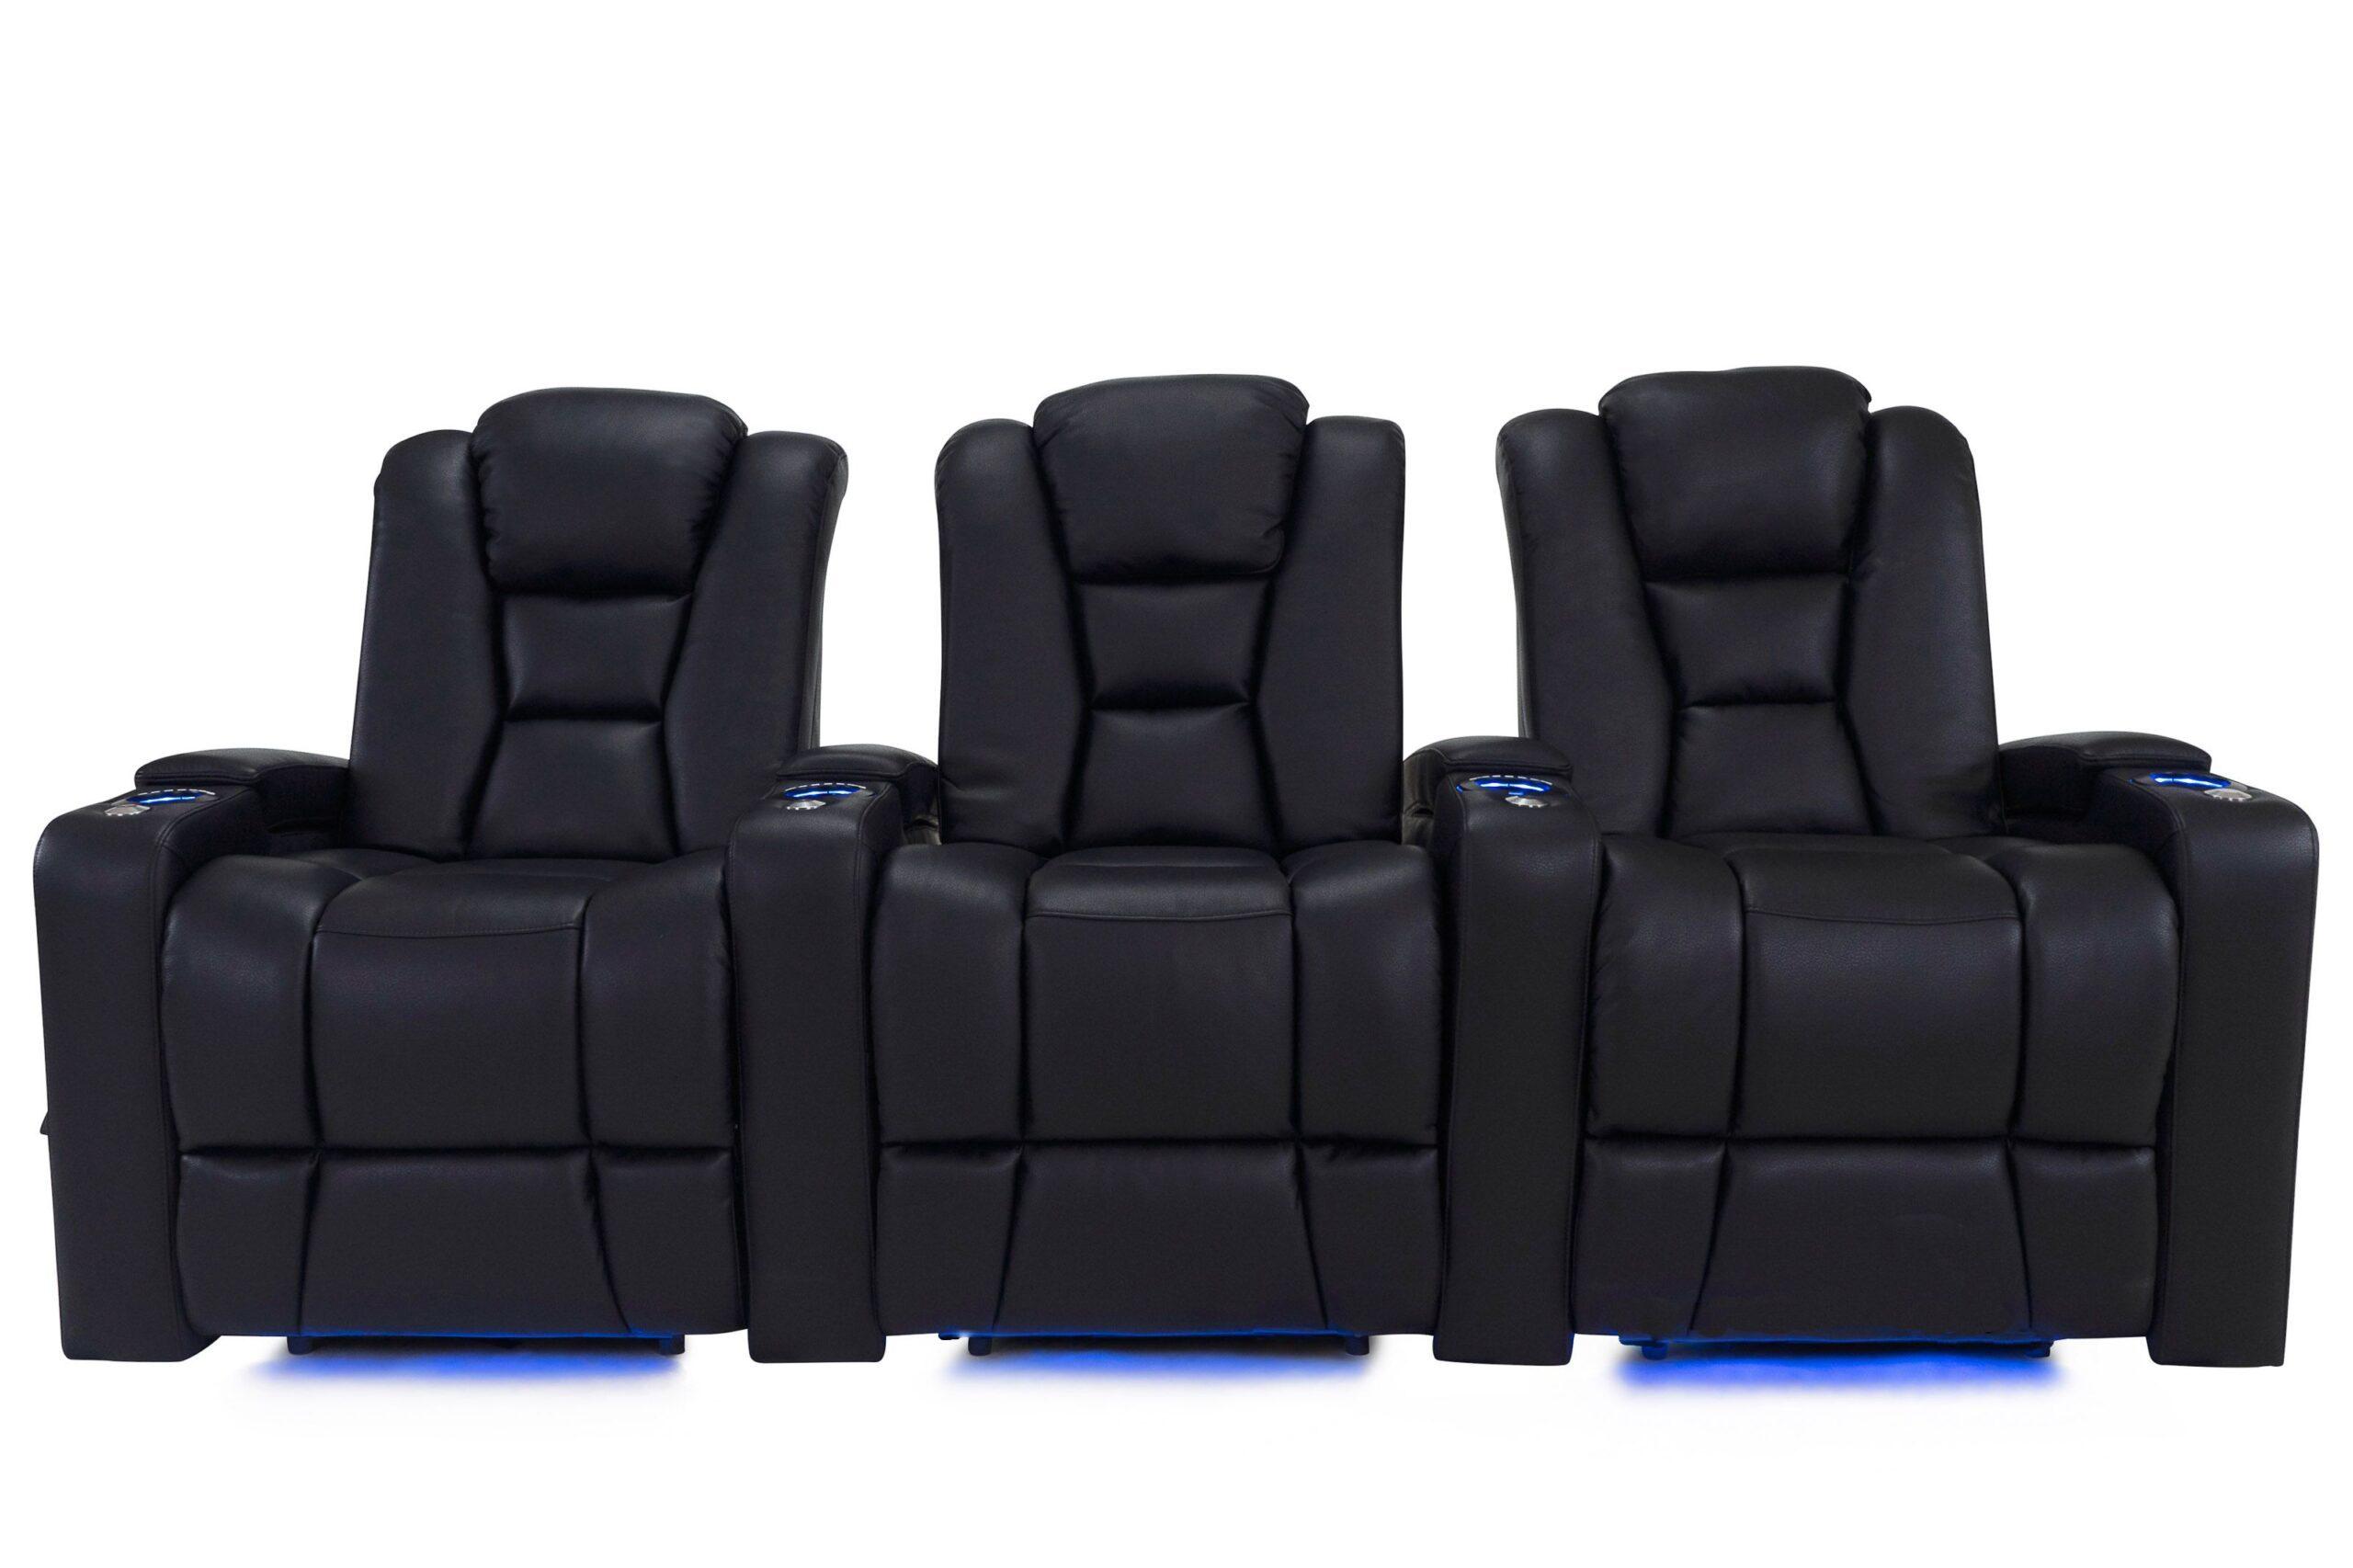 RowOne Seating